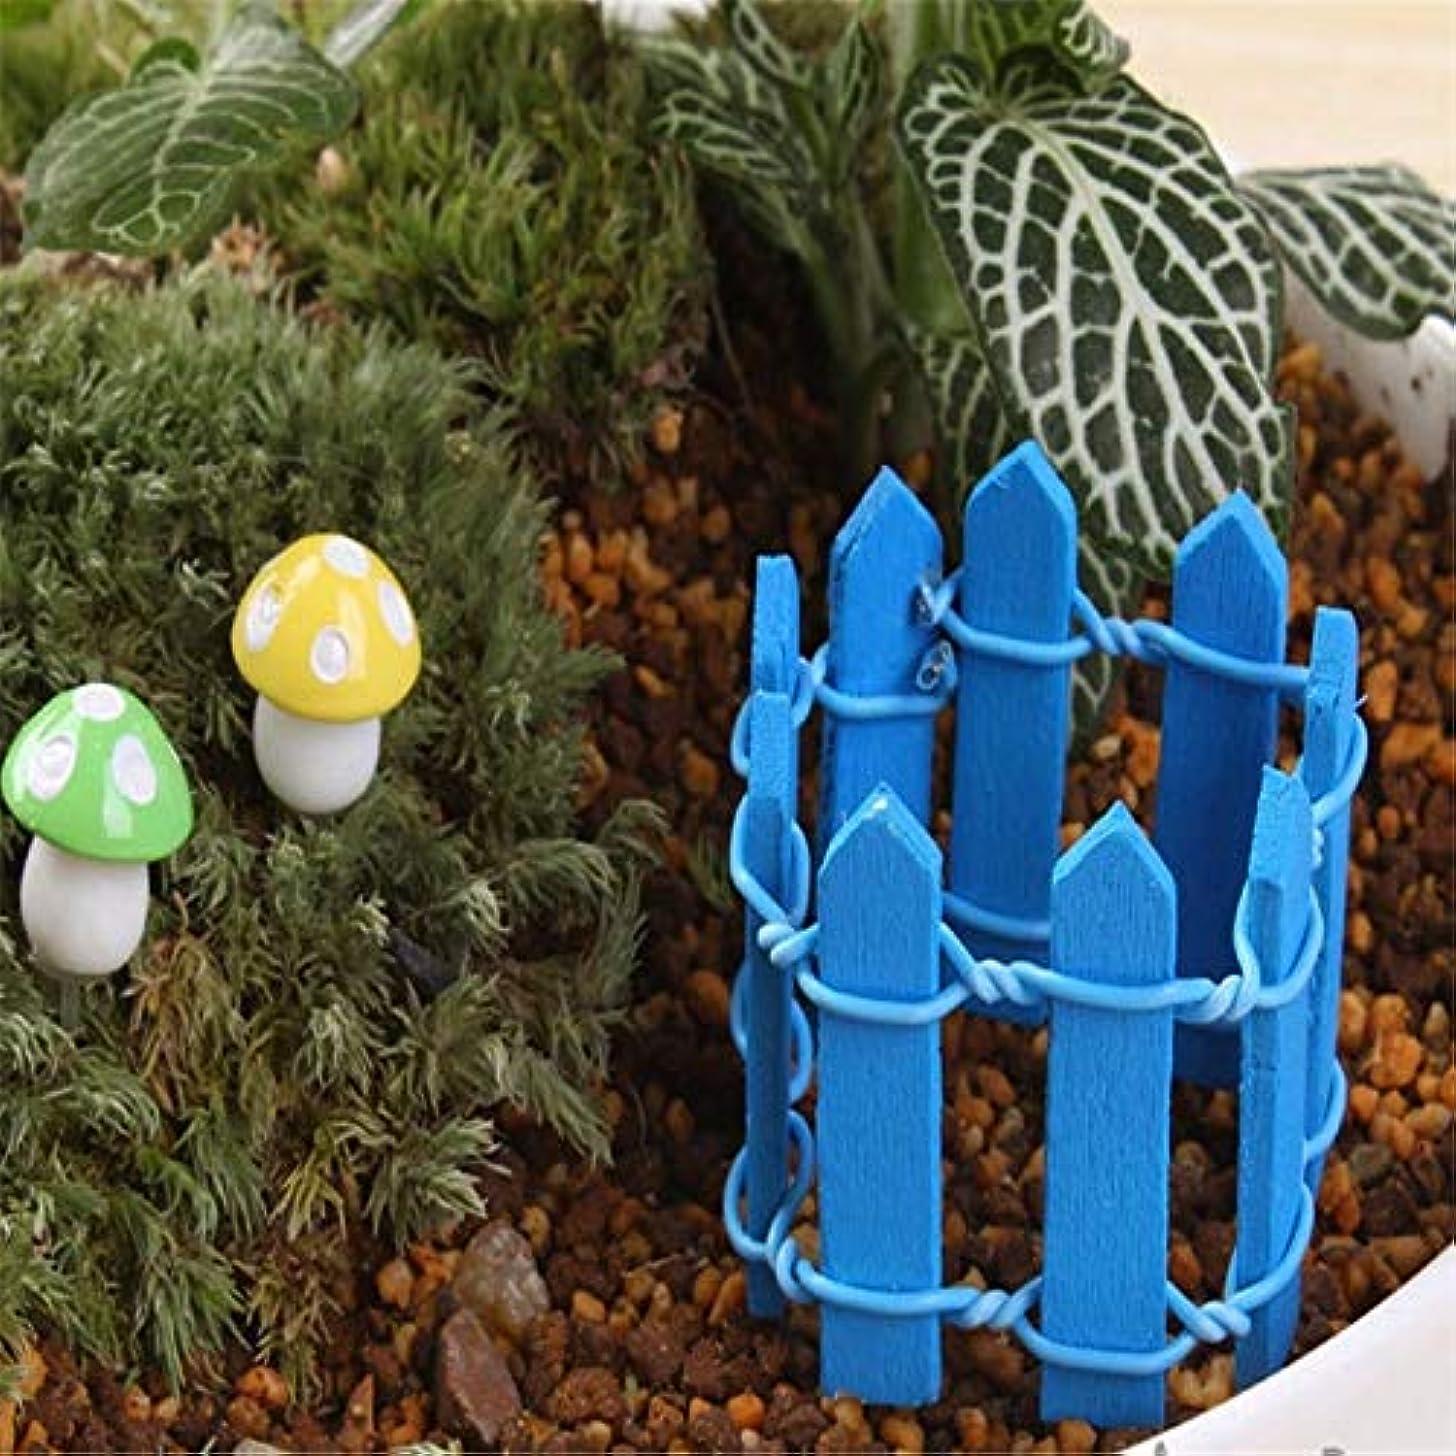 オーバーヘッドパイ引き付けるJicorzo - 20個DIY木製の小さなフェンスモステラリウム植木鉢工芸ミニおもちゃフェアリーガーデンミニチュア[ディープブルー]